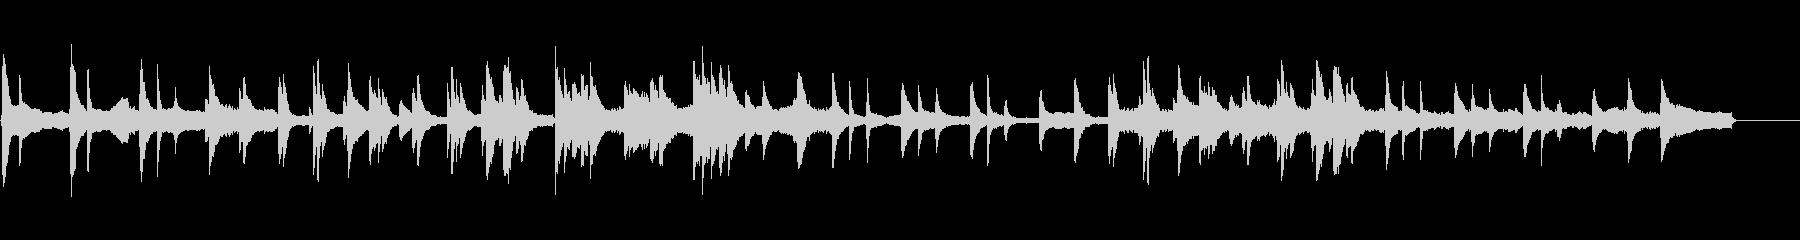 回想シーンでのピアノソロの未再生の波形